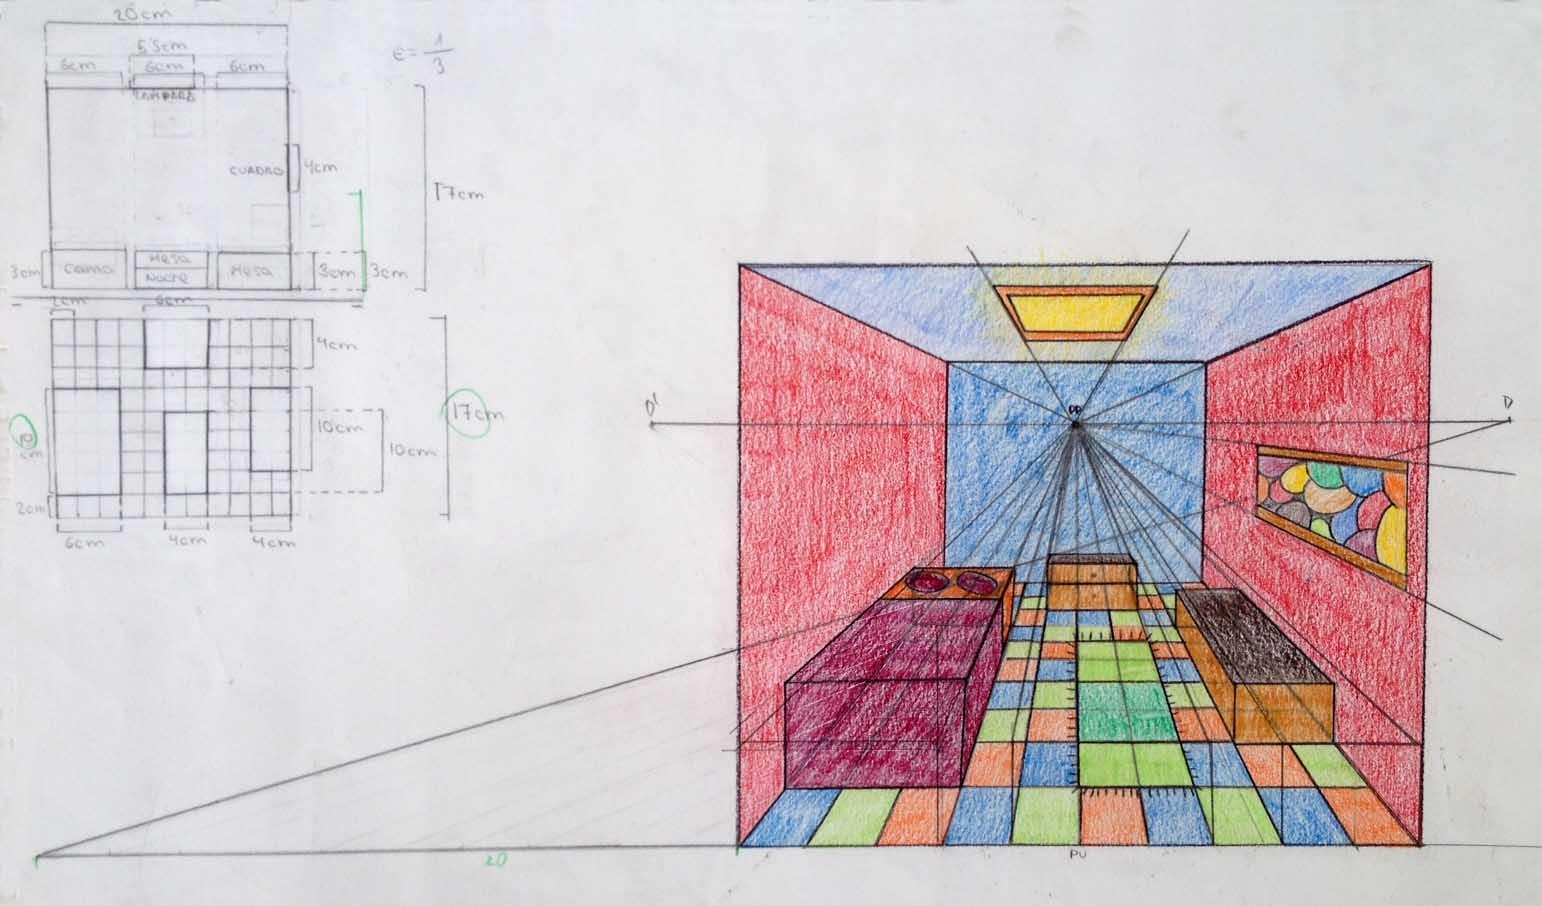 Epv colegio san jos dominicas mayo 2013 - Habitacion en perspectiva conica ...